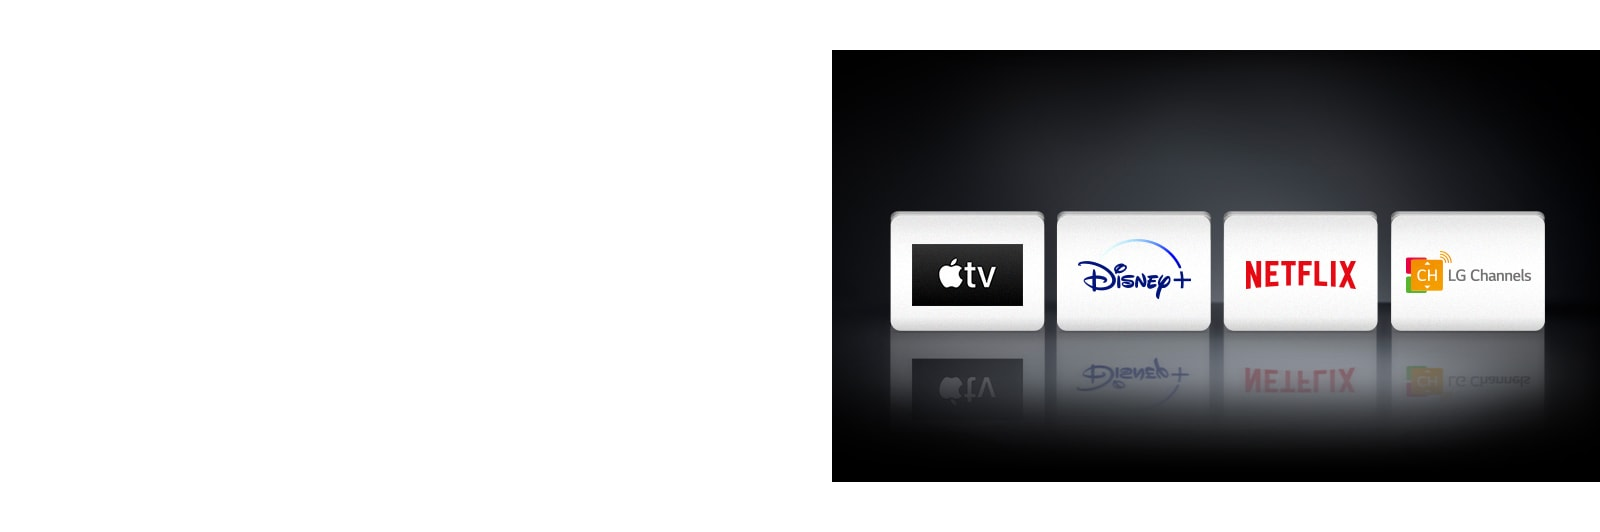 Quatre logos: L'application Apple TV, Disney+, Netflix et LG Channels